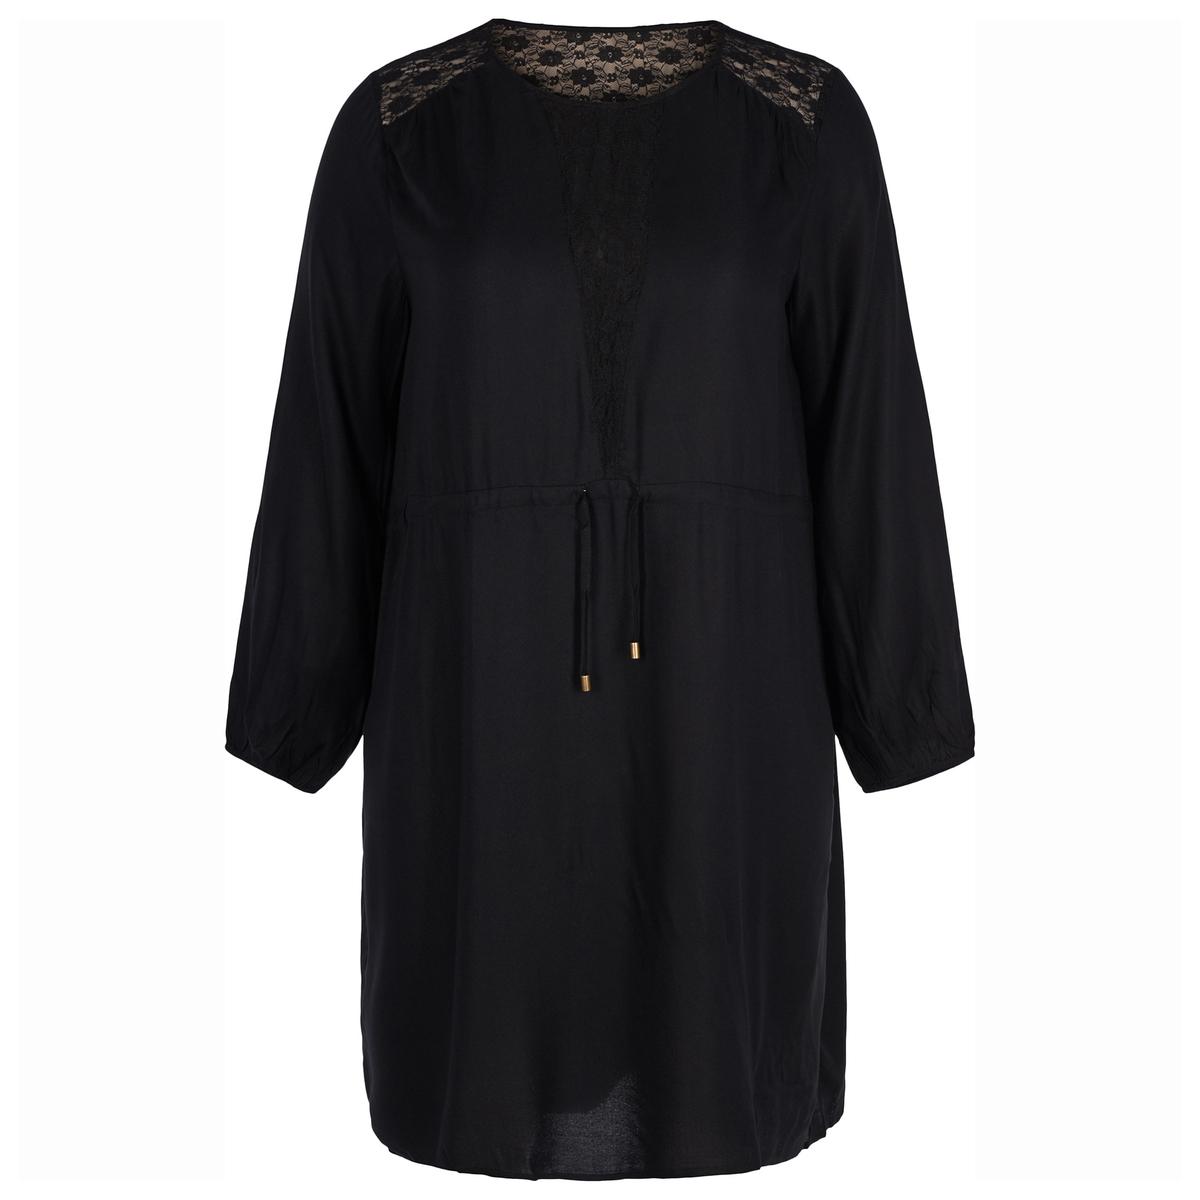 купить Платье прямое средней длины, однотонное, с длинными рукавами по цене 3149.1 рублей